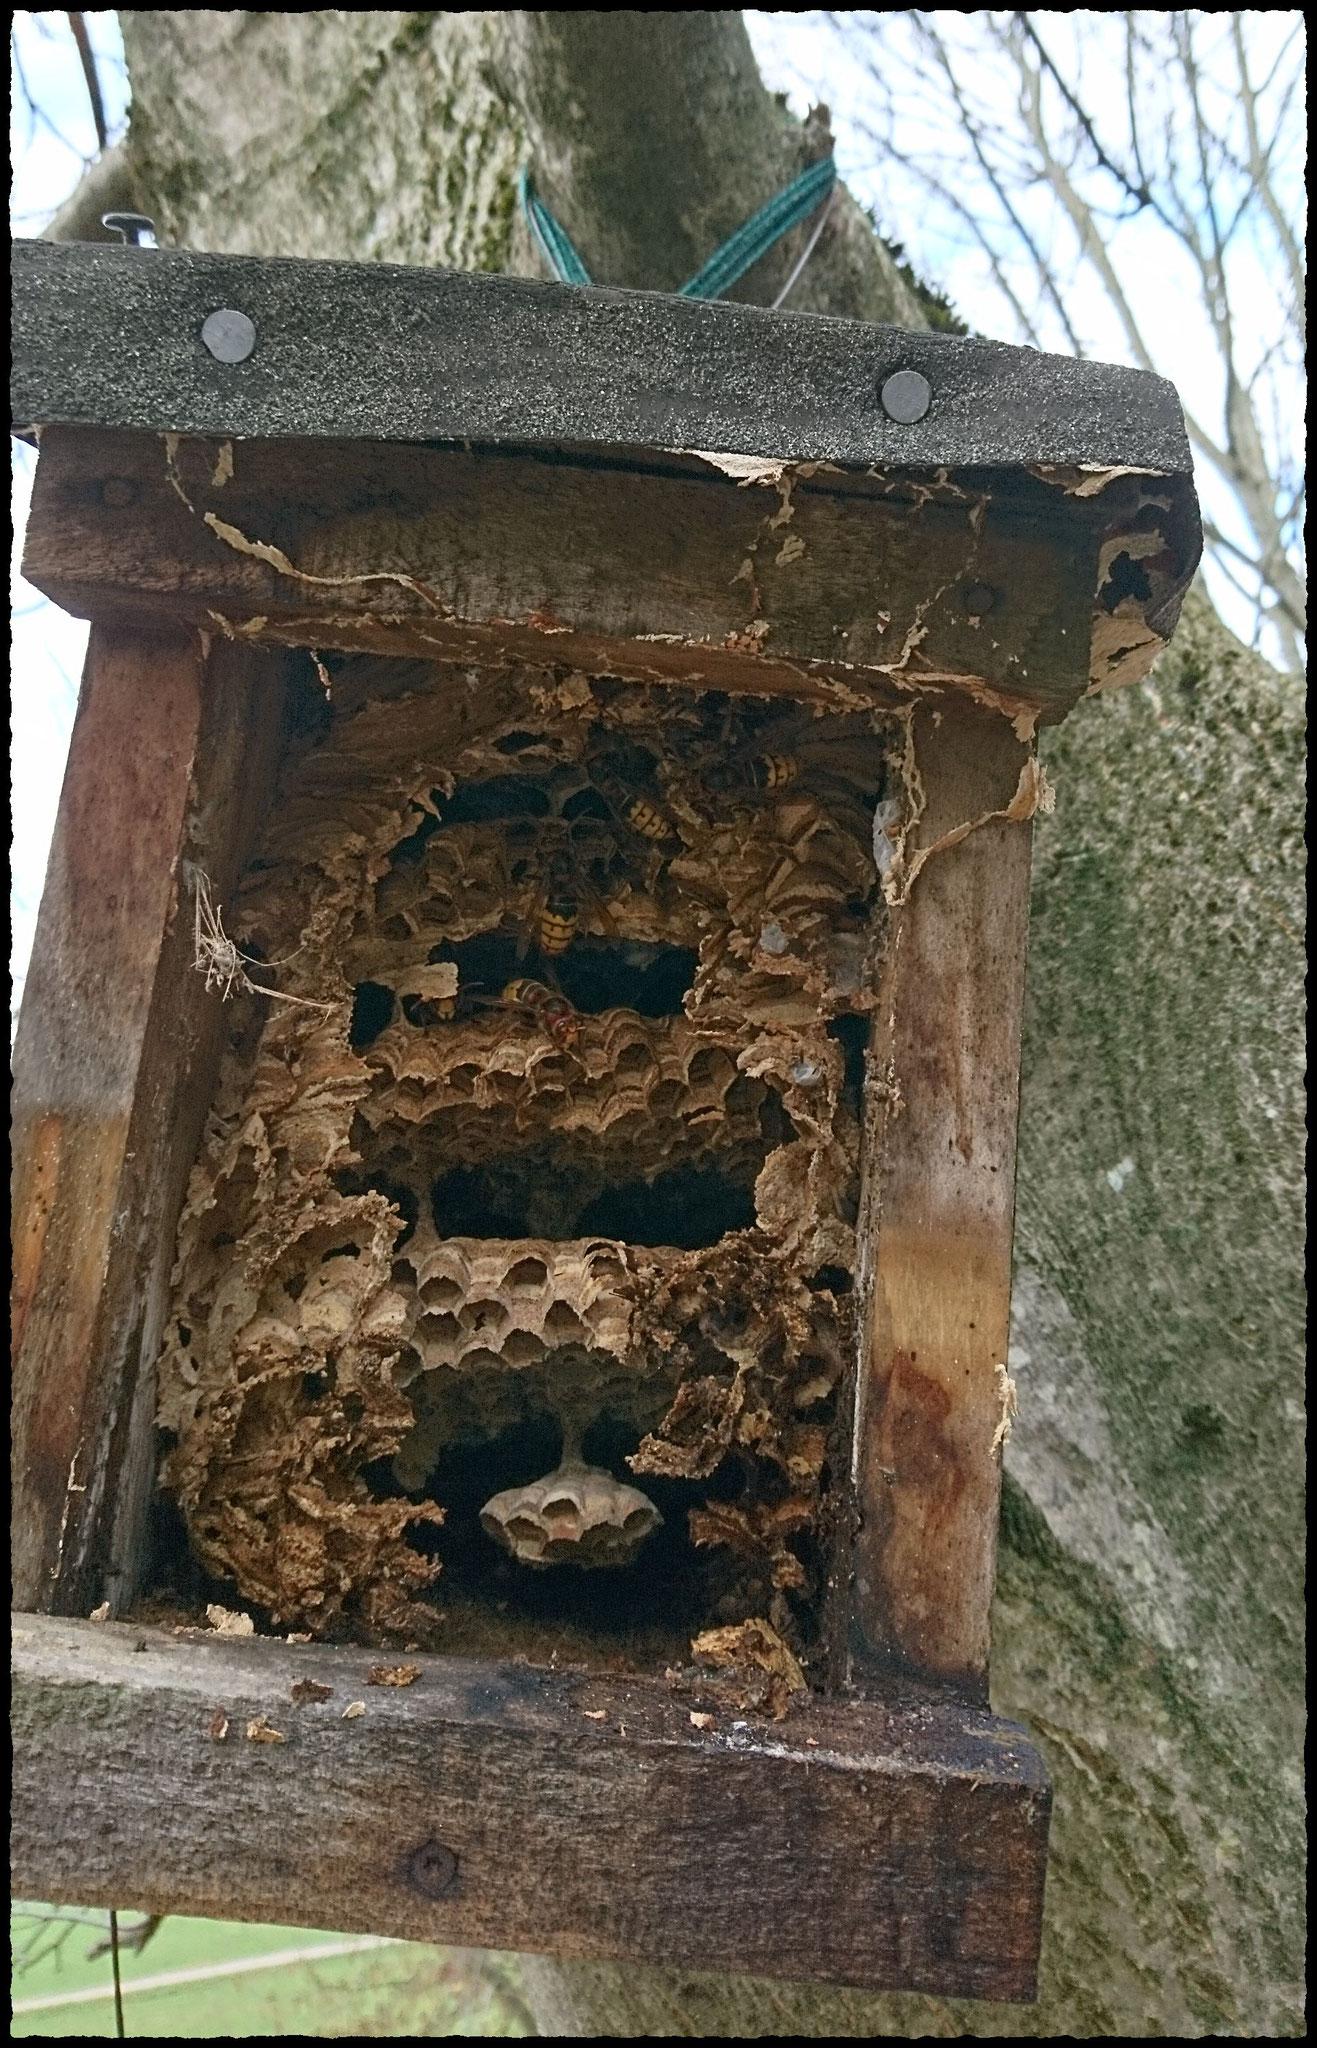 Ein Holznistkasten, gefüllt mit mehrstöckigen Hornissenwaben.